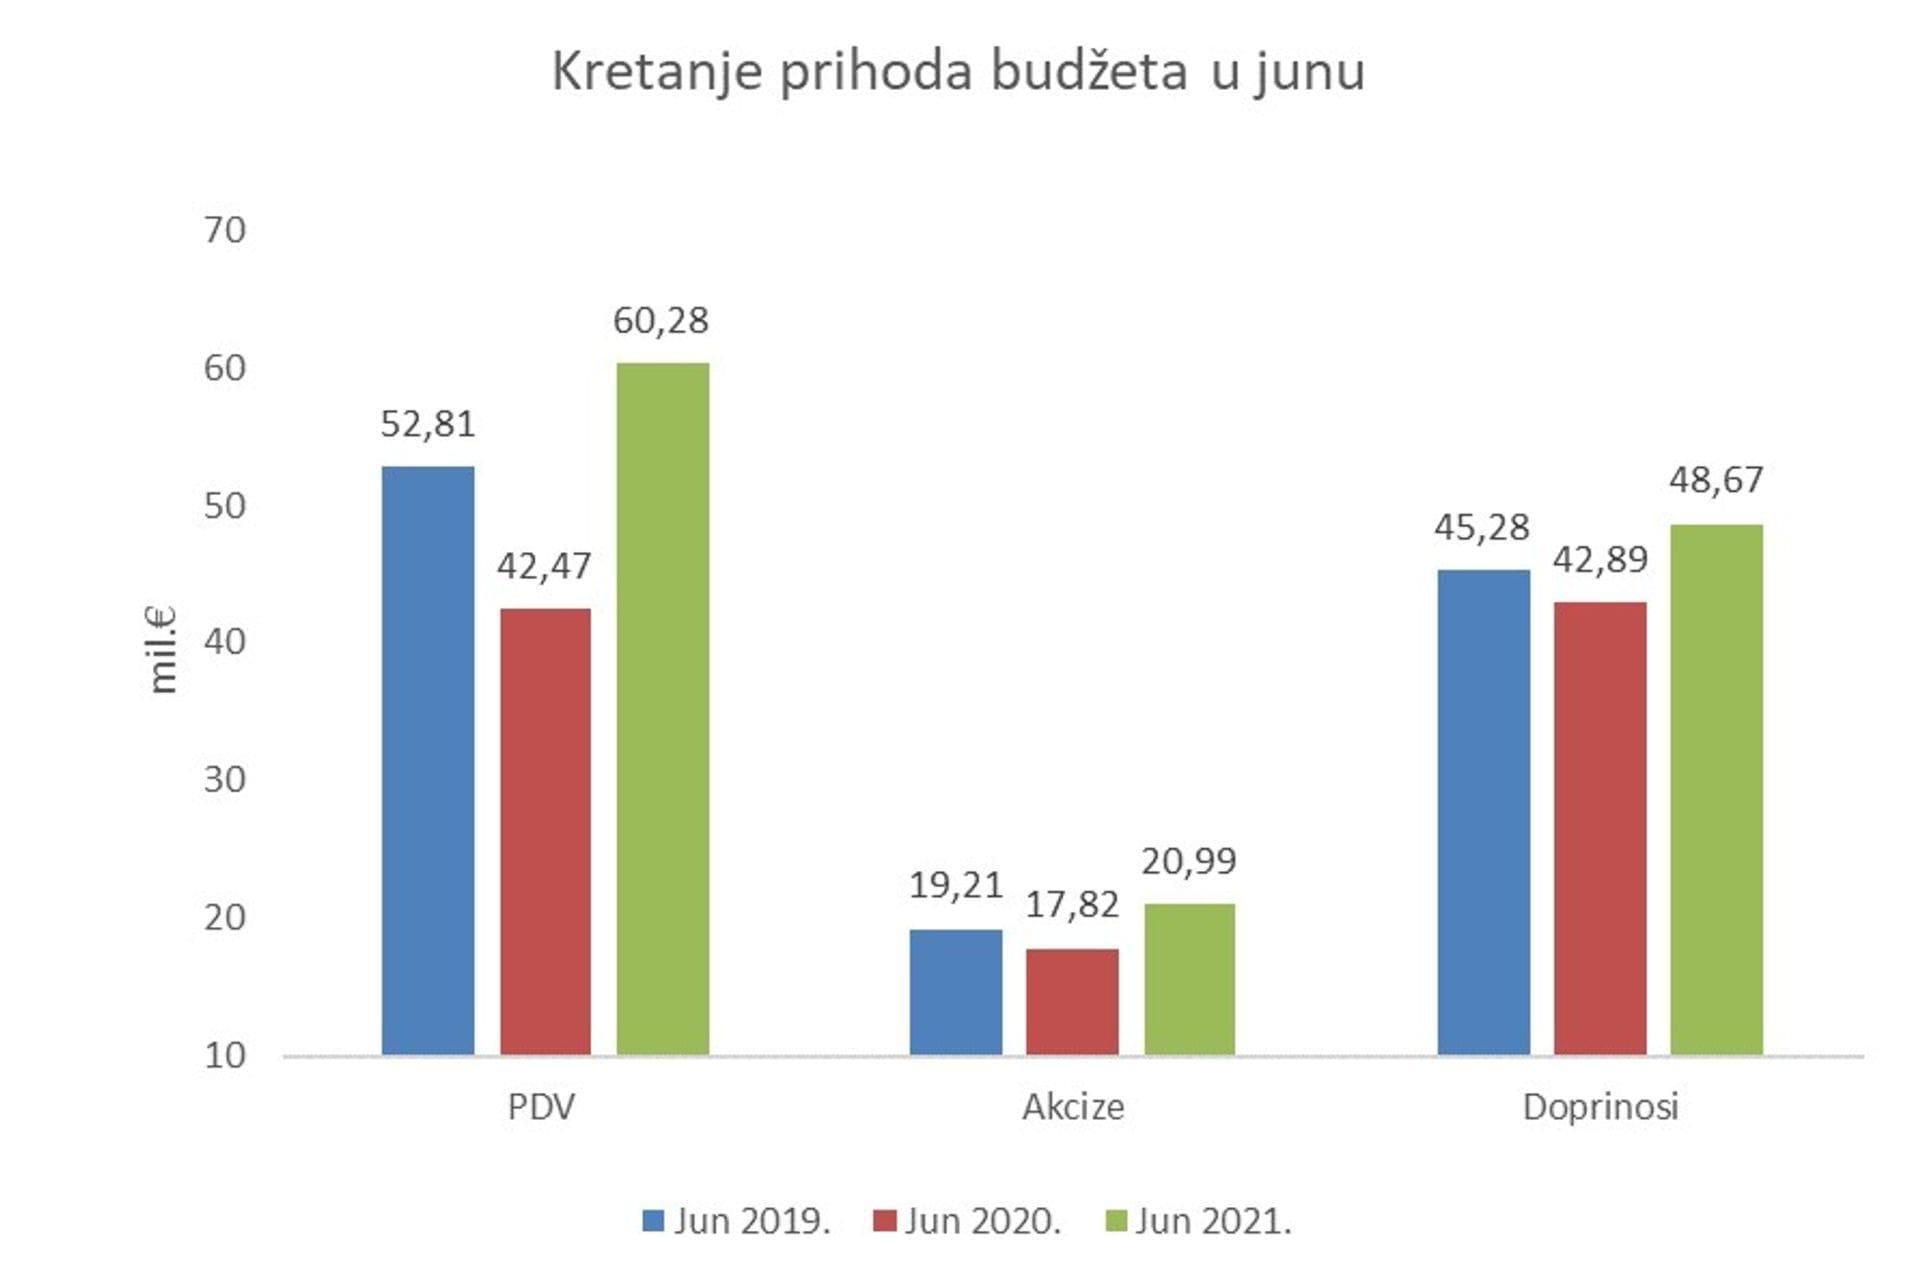 Kretanje prihoda u junu